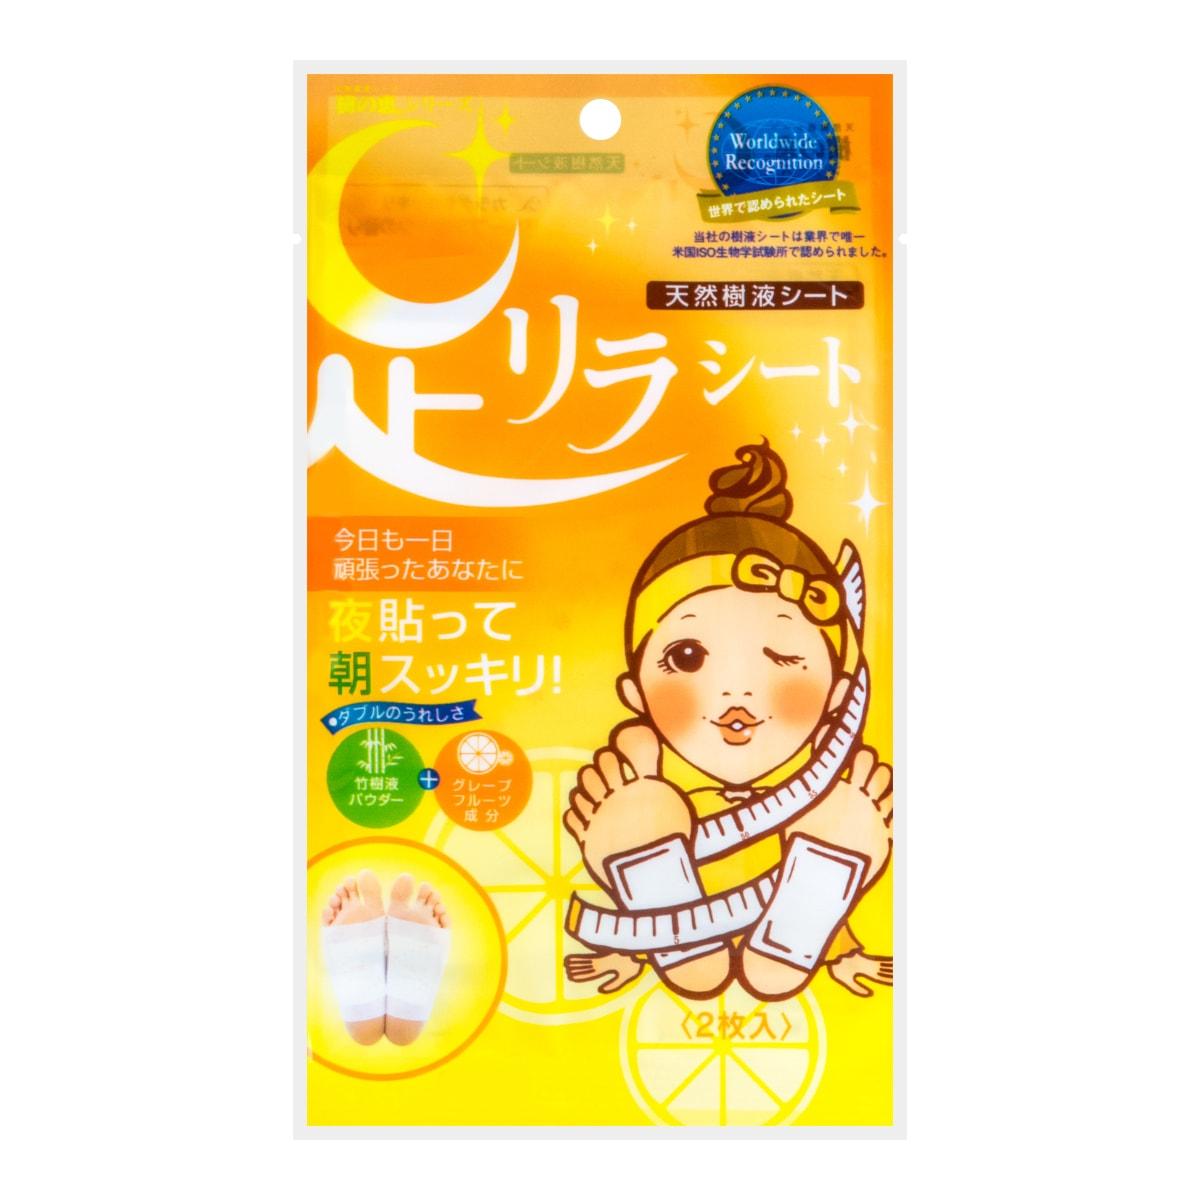 日本ASHIRIRA树之惠 天然树液瘦身减肥足贴 西柚成分 1对入